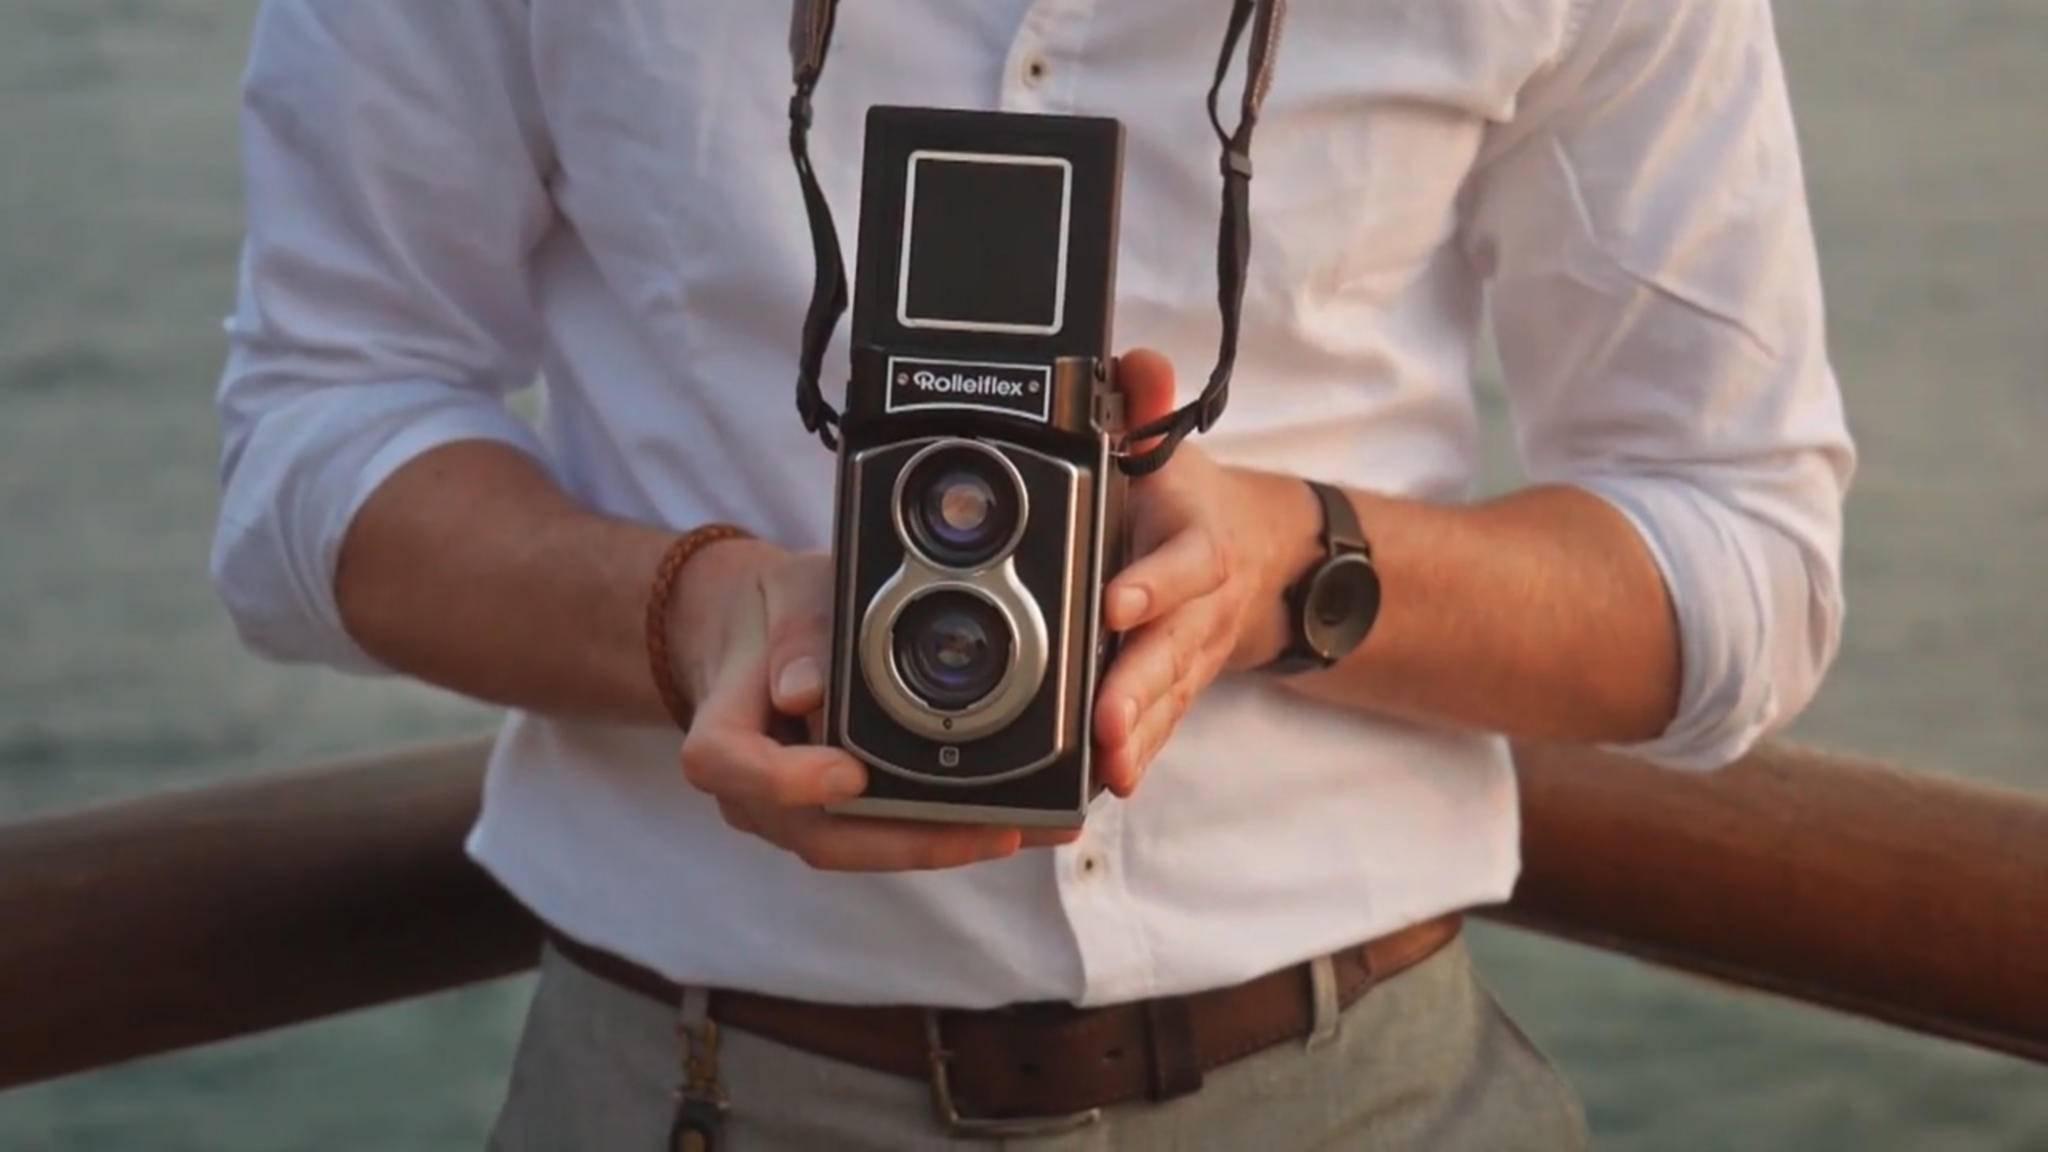 Die legendäre zweiäugige Rolleiflex-Kamera ist zurück.